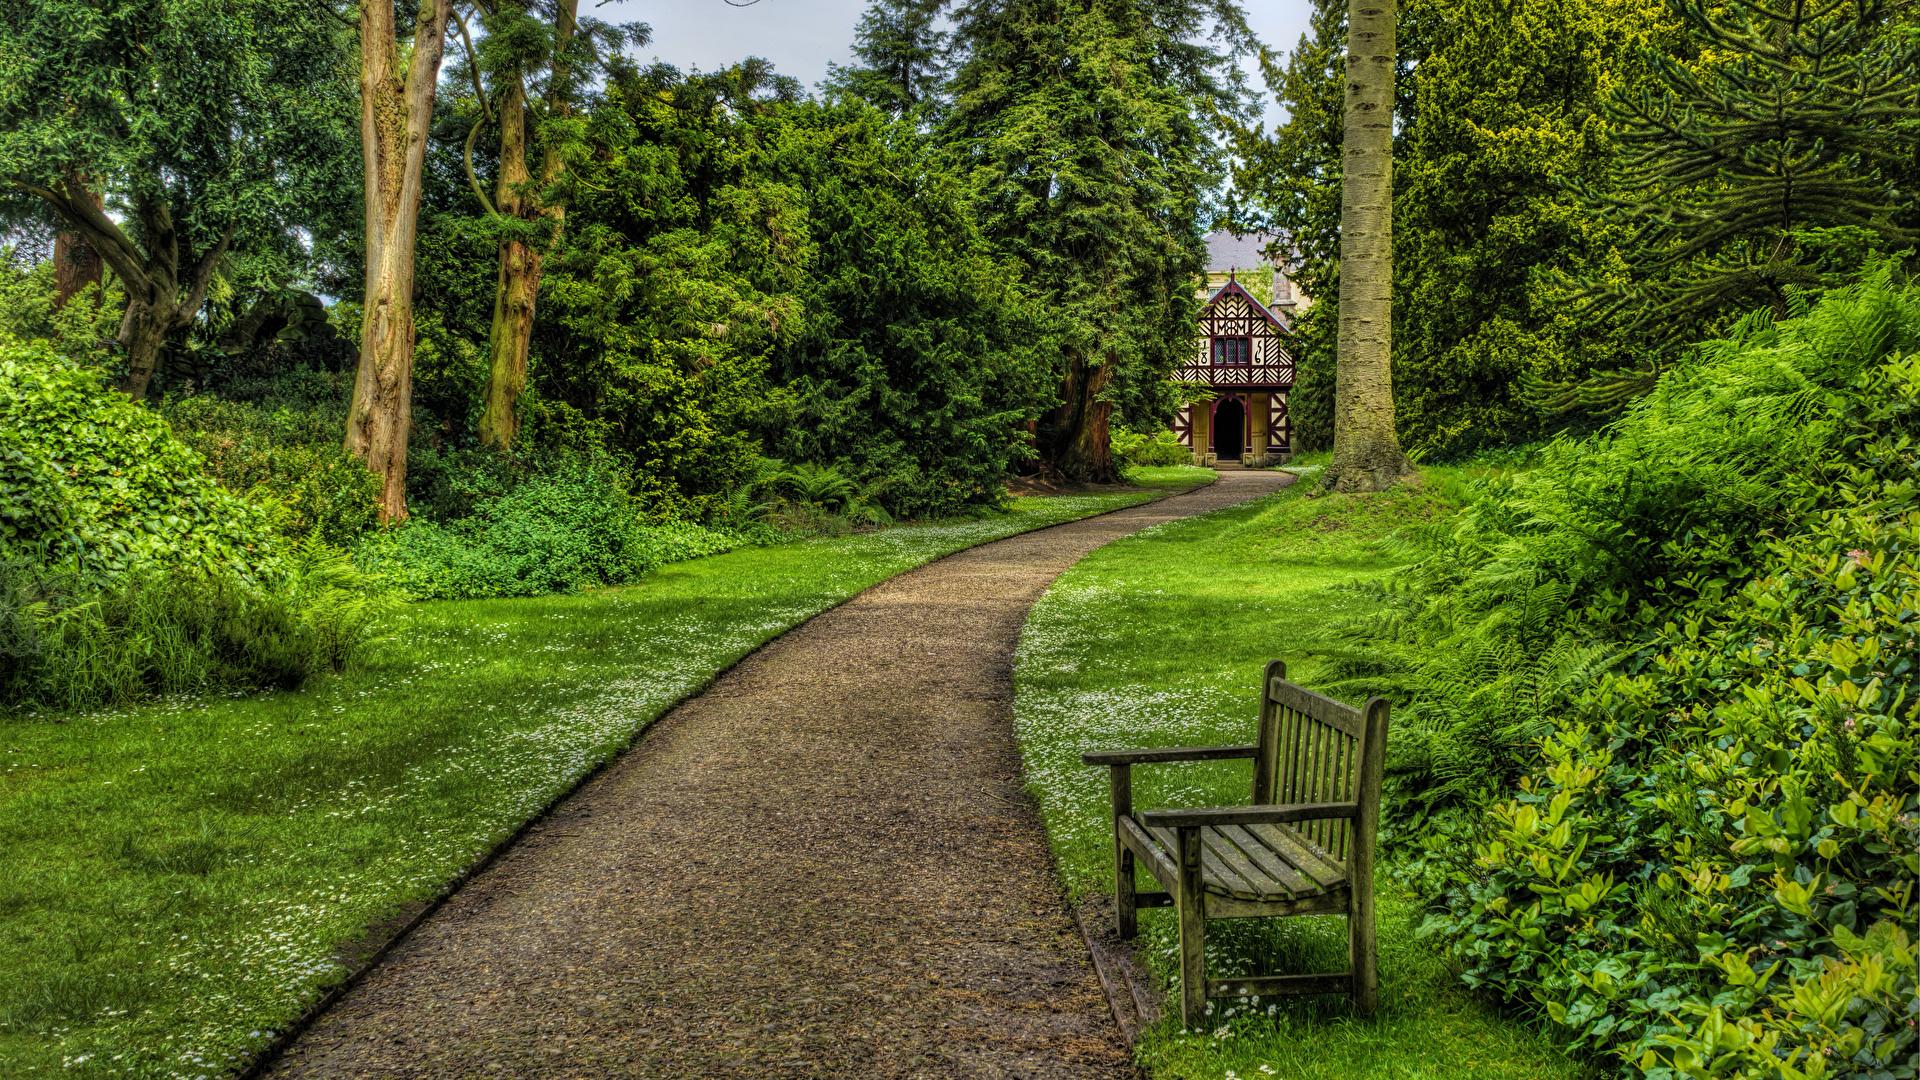 Фото Великобритания Biddulph Grange Garden Природа Парки Газон Скамейка Кусты дерево 1920x1080 парк Скамья газоне кустов дерева Деревья деревьев